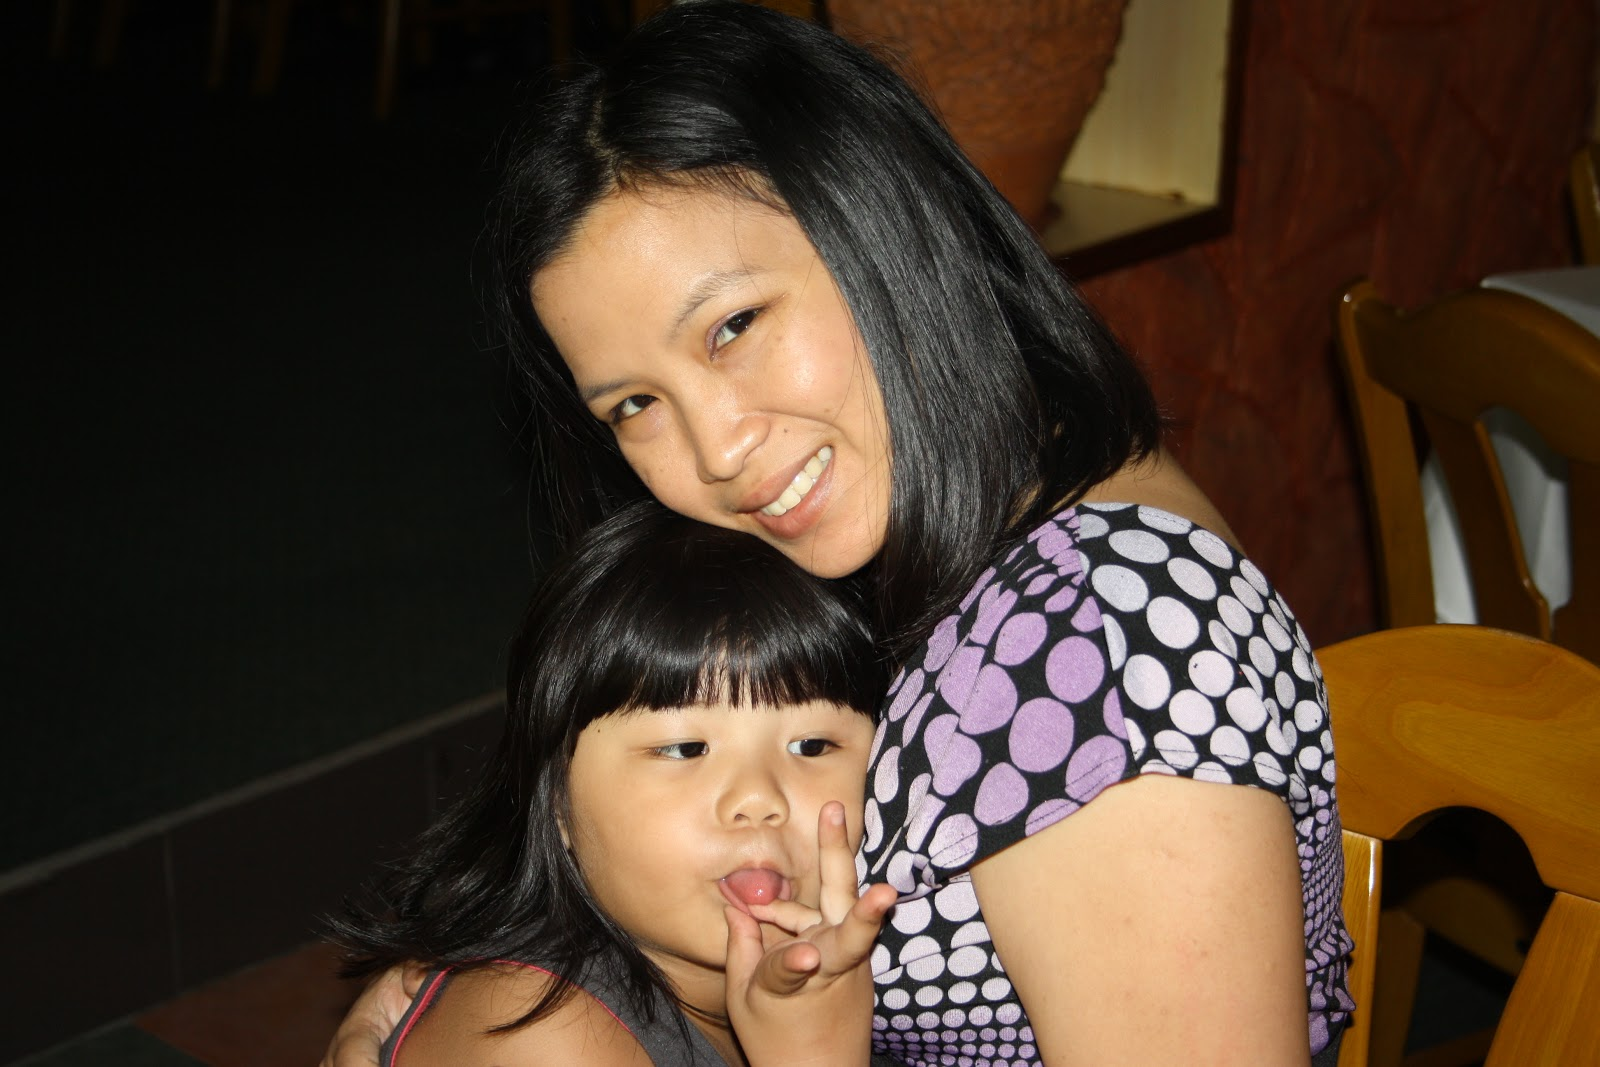 http://2.bp.blogspot.com/-Yc9N3Ho8Jdc/UNwXWVGNcCI/AAAAAAAAF7o/CMA-n5HOz0I/s1600/IMG_5592.JPG